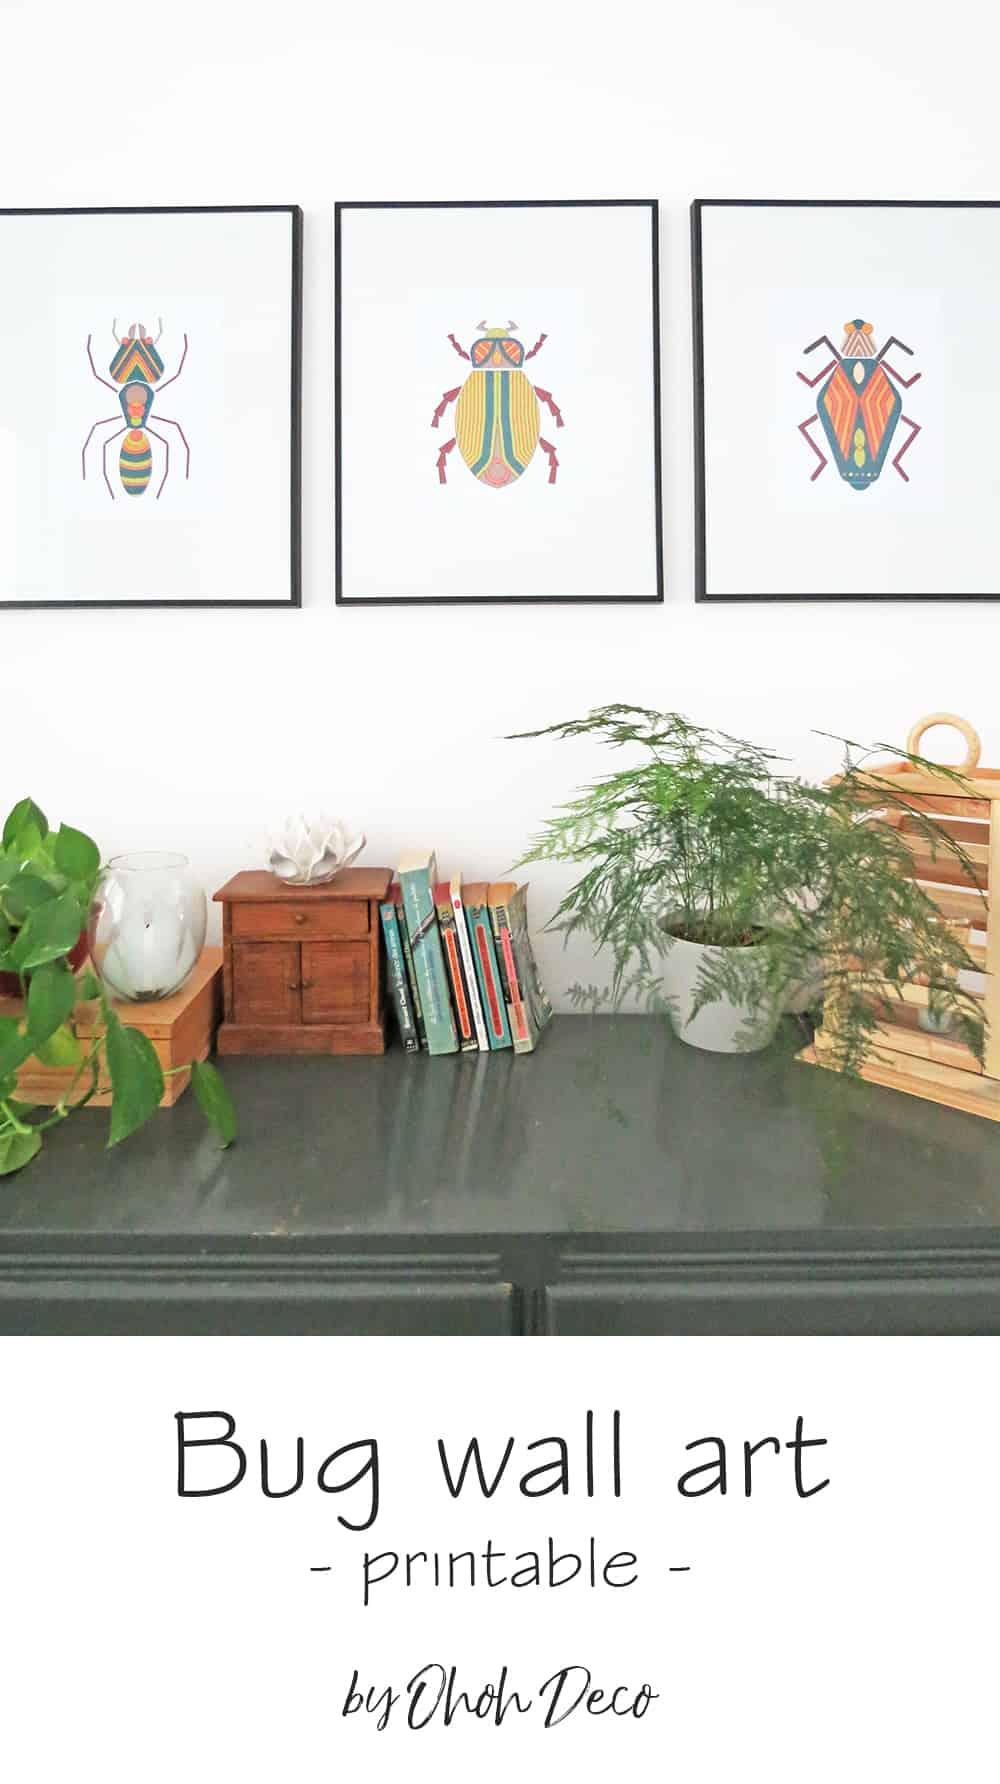 bug wall art prints